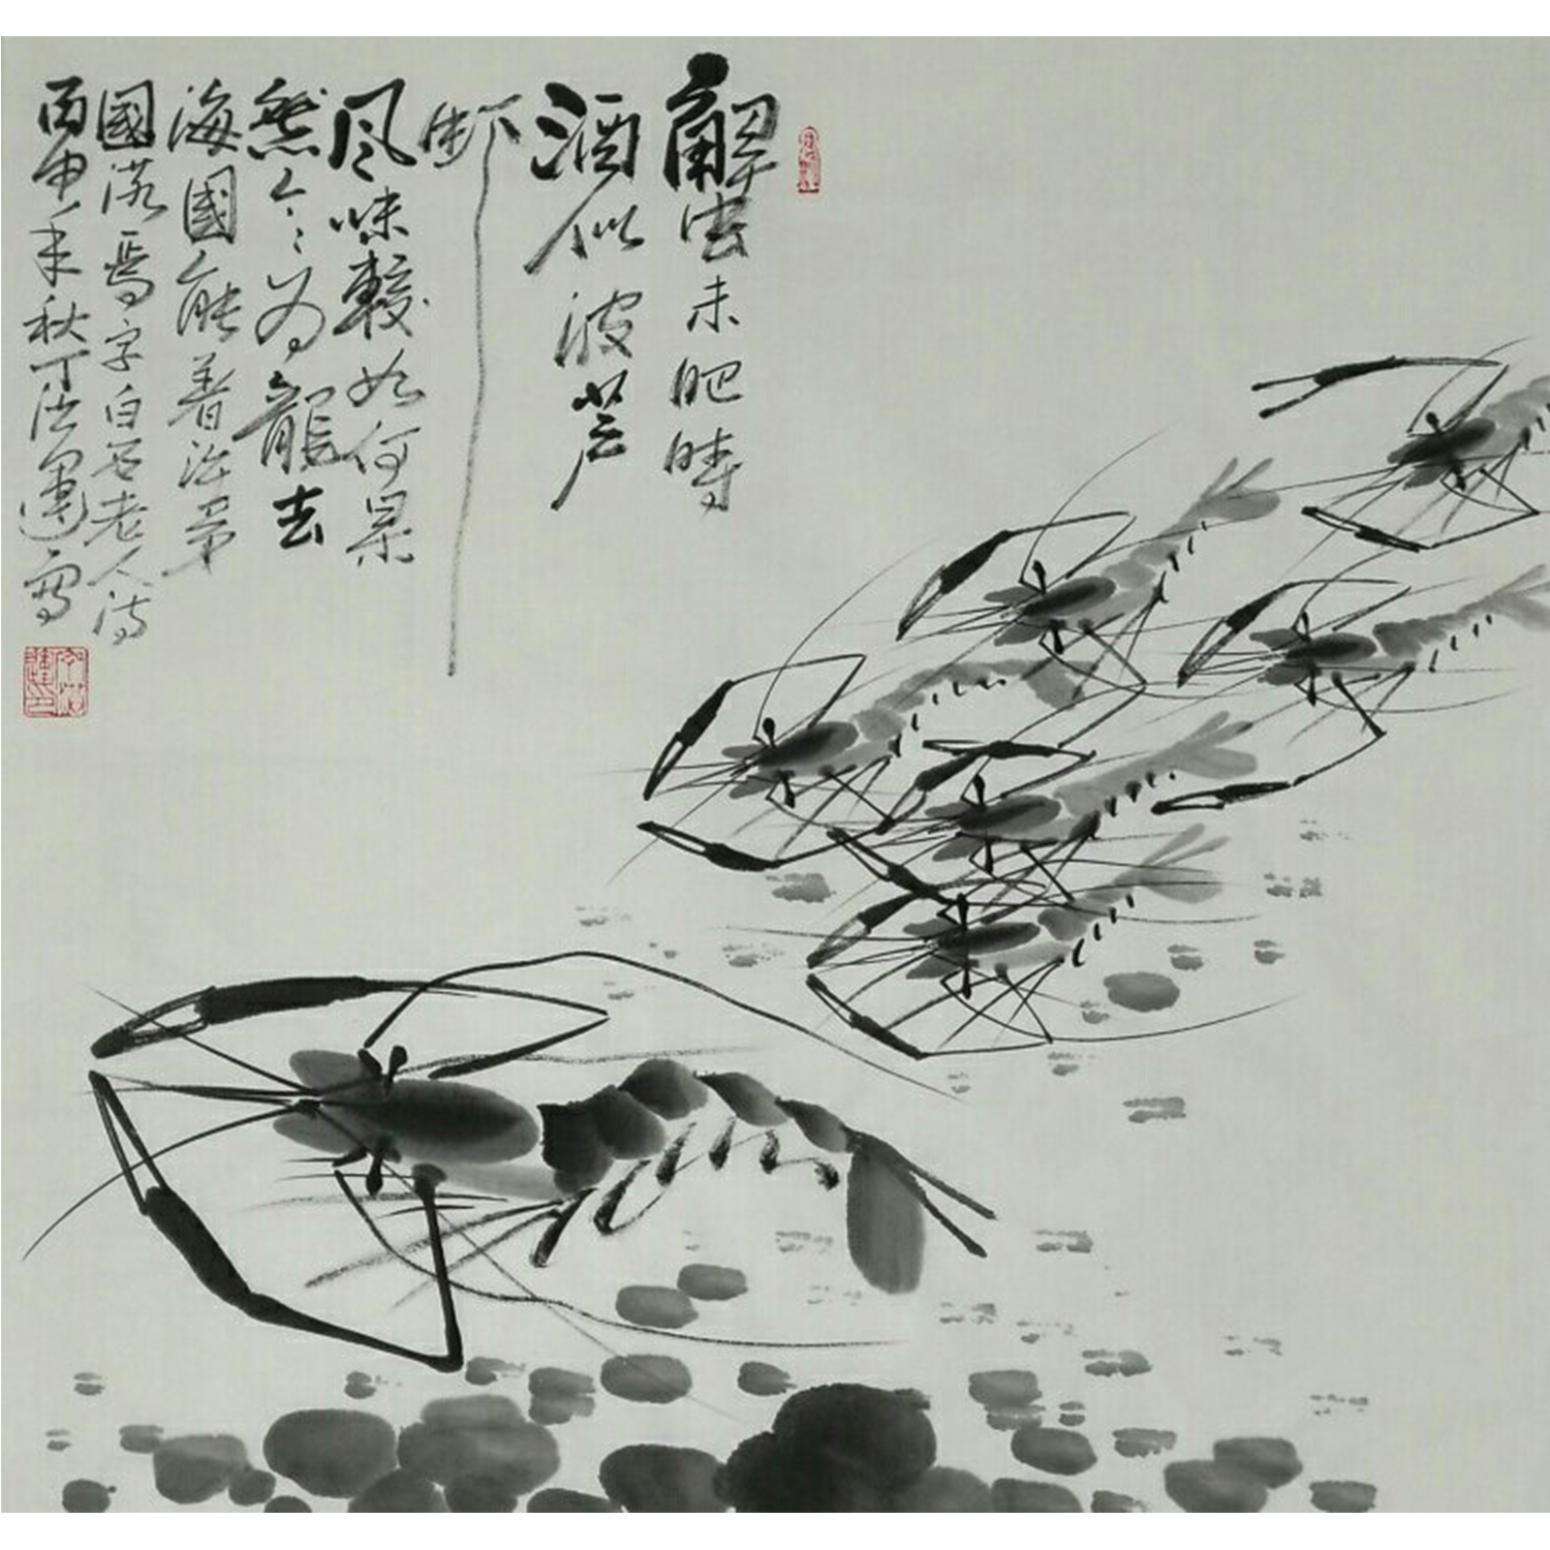 丁洪运国画作品《【虾】作者丁洪运》